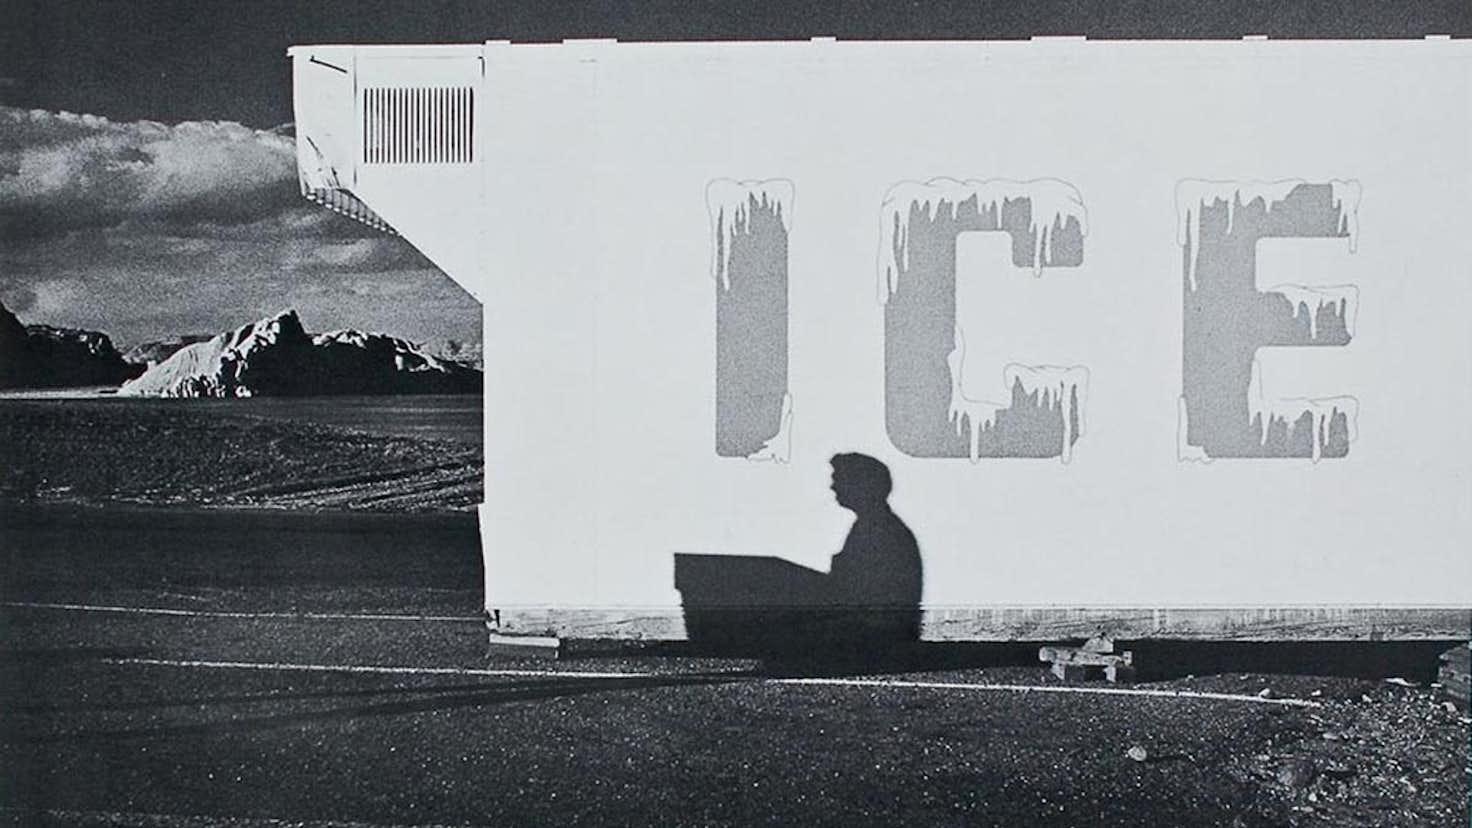 奈良原一高 追悼展「消滅した時間」(タカ・イシイギャラリー フォト ...